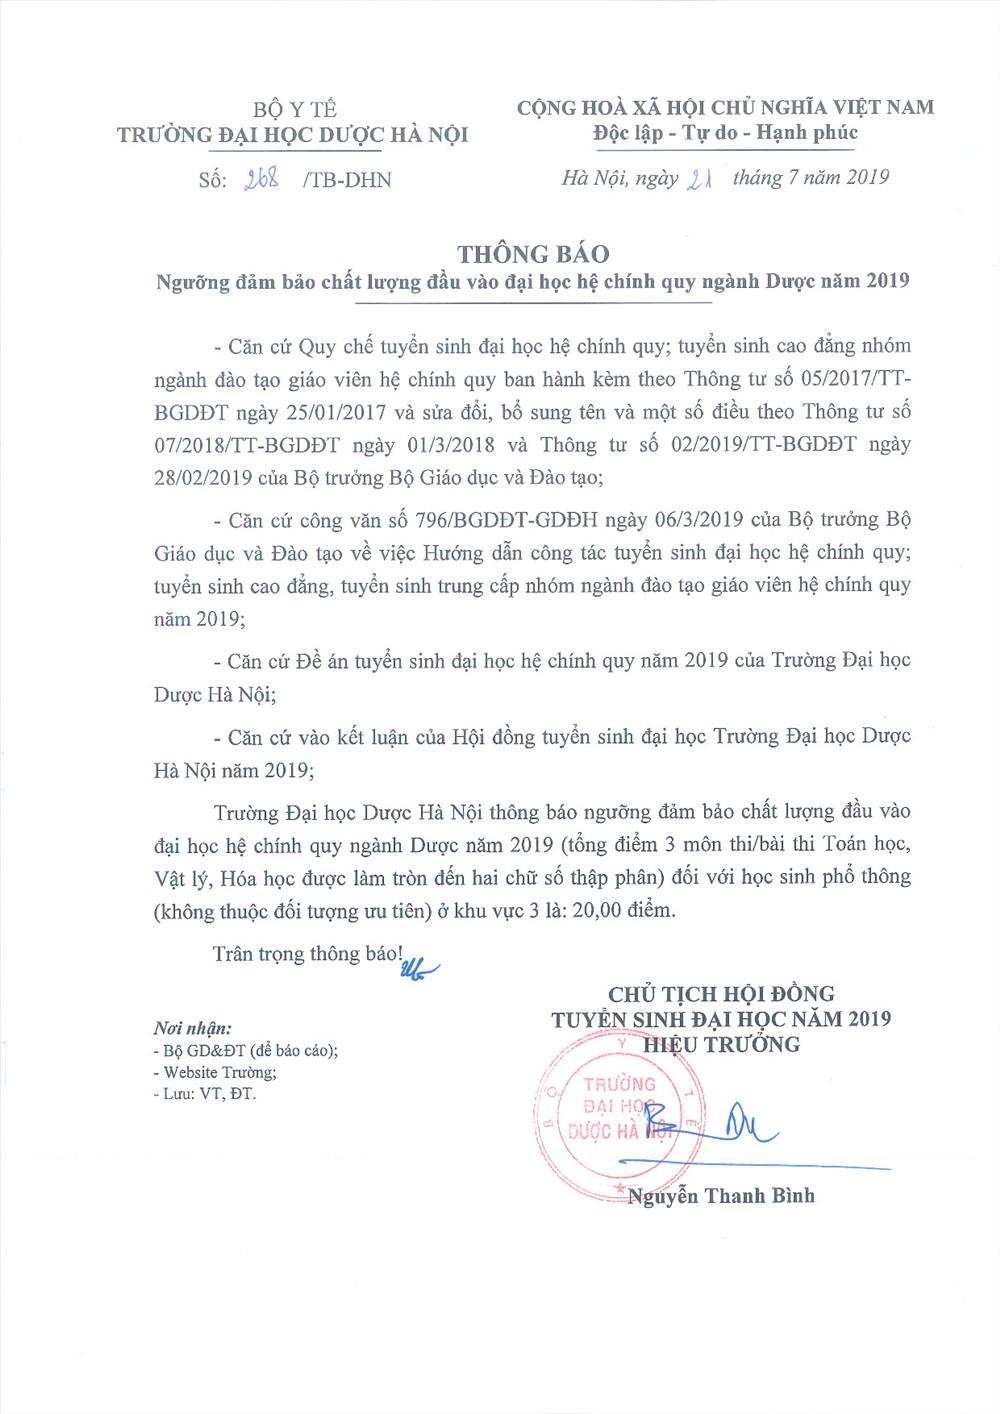 Thông báo về điểm sàn năm 2019 trên cổng thông tin Đại học Dược Hà Nội. Ảnh: hup.edu.vn.